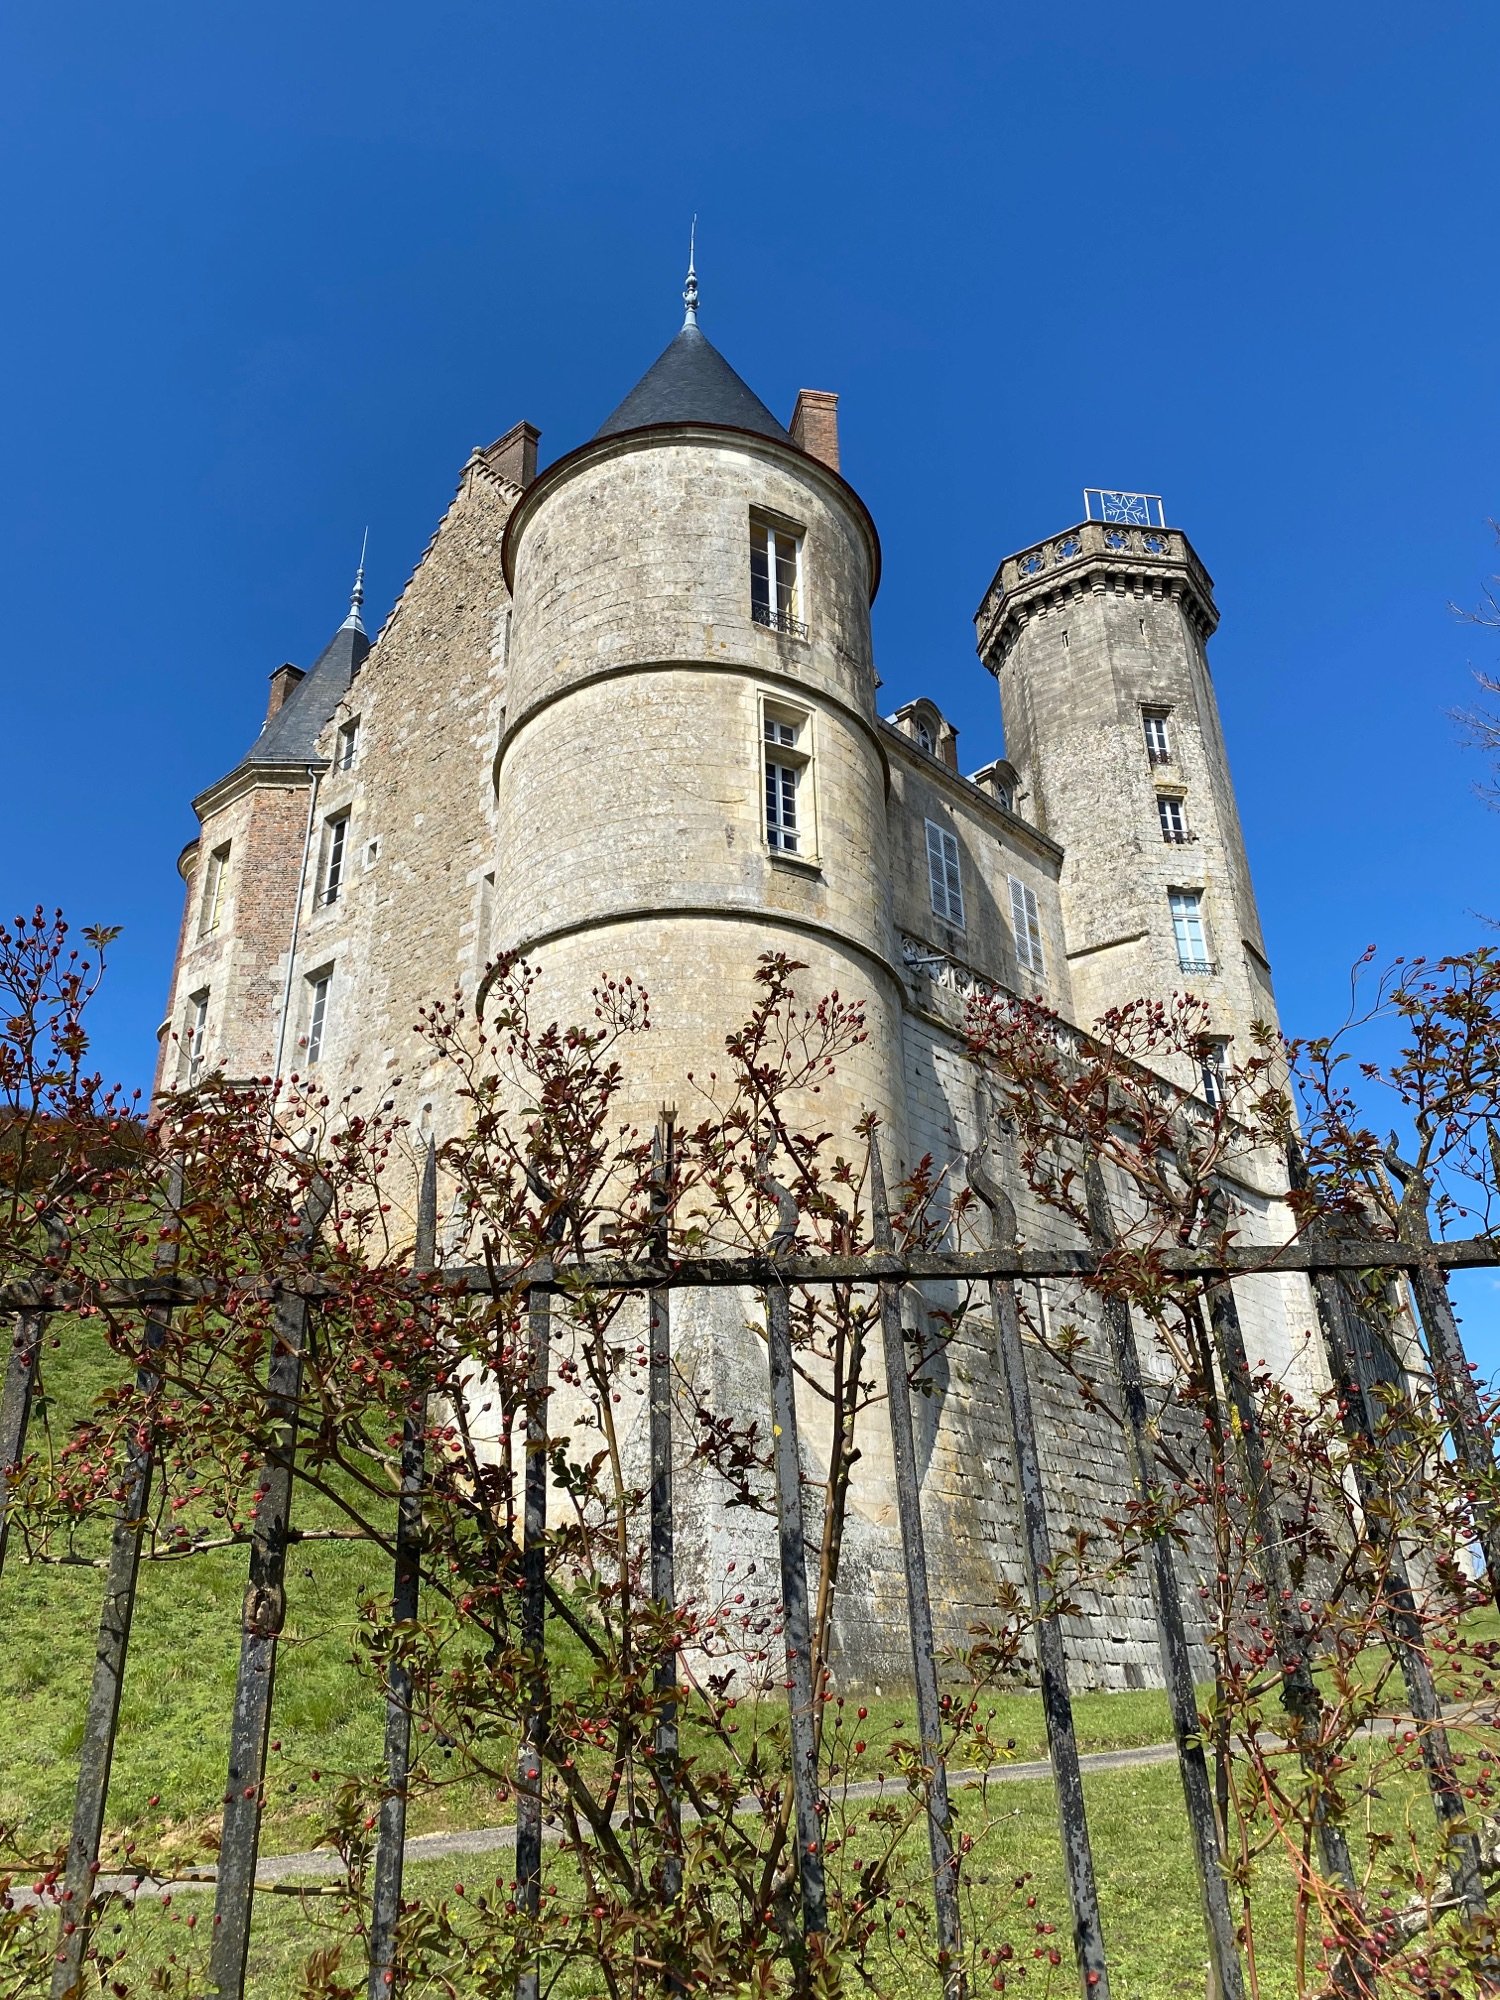 Château de Montmirail, 12 век, в столетнюю войну  было знаменито. А еще там встречались Henri II Plantagenêt с королем Франции Louis VII младшим. Там можно остановиться и пожить, но не сейчас. Закрыто все. Улицы пусты. 374 жителя где-то скрывались от нас. И булочной нет.